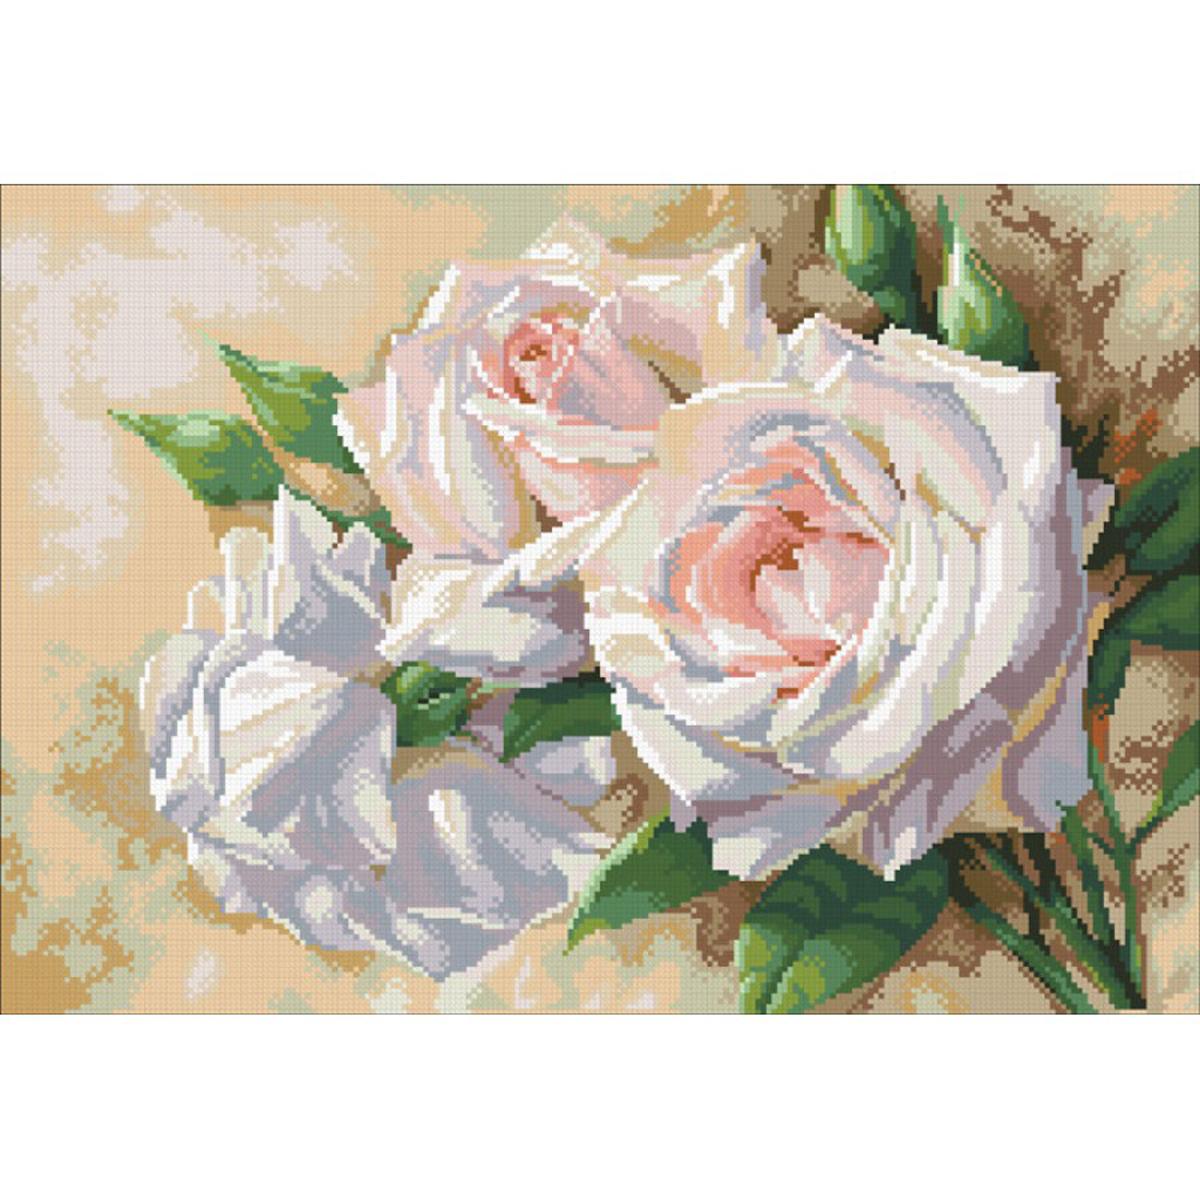 Набор для изготовления картины со стразами Паутинка Античные розы, 52 х 36 см486470Состав набора: мозаика — 30 цветов, холст с нанесенным рисунком и клеевым слоем, пинцет, подробная инструкция.